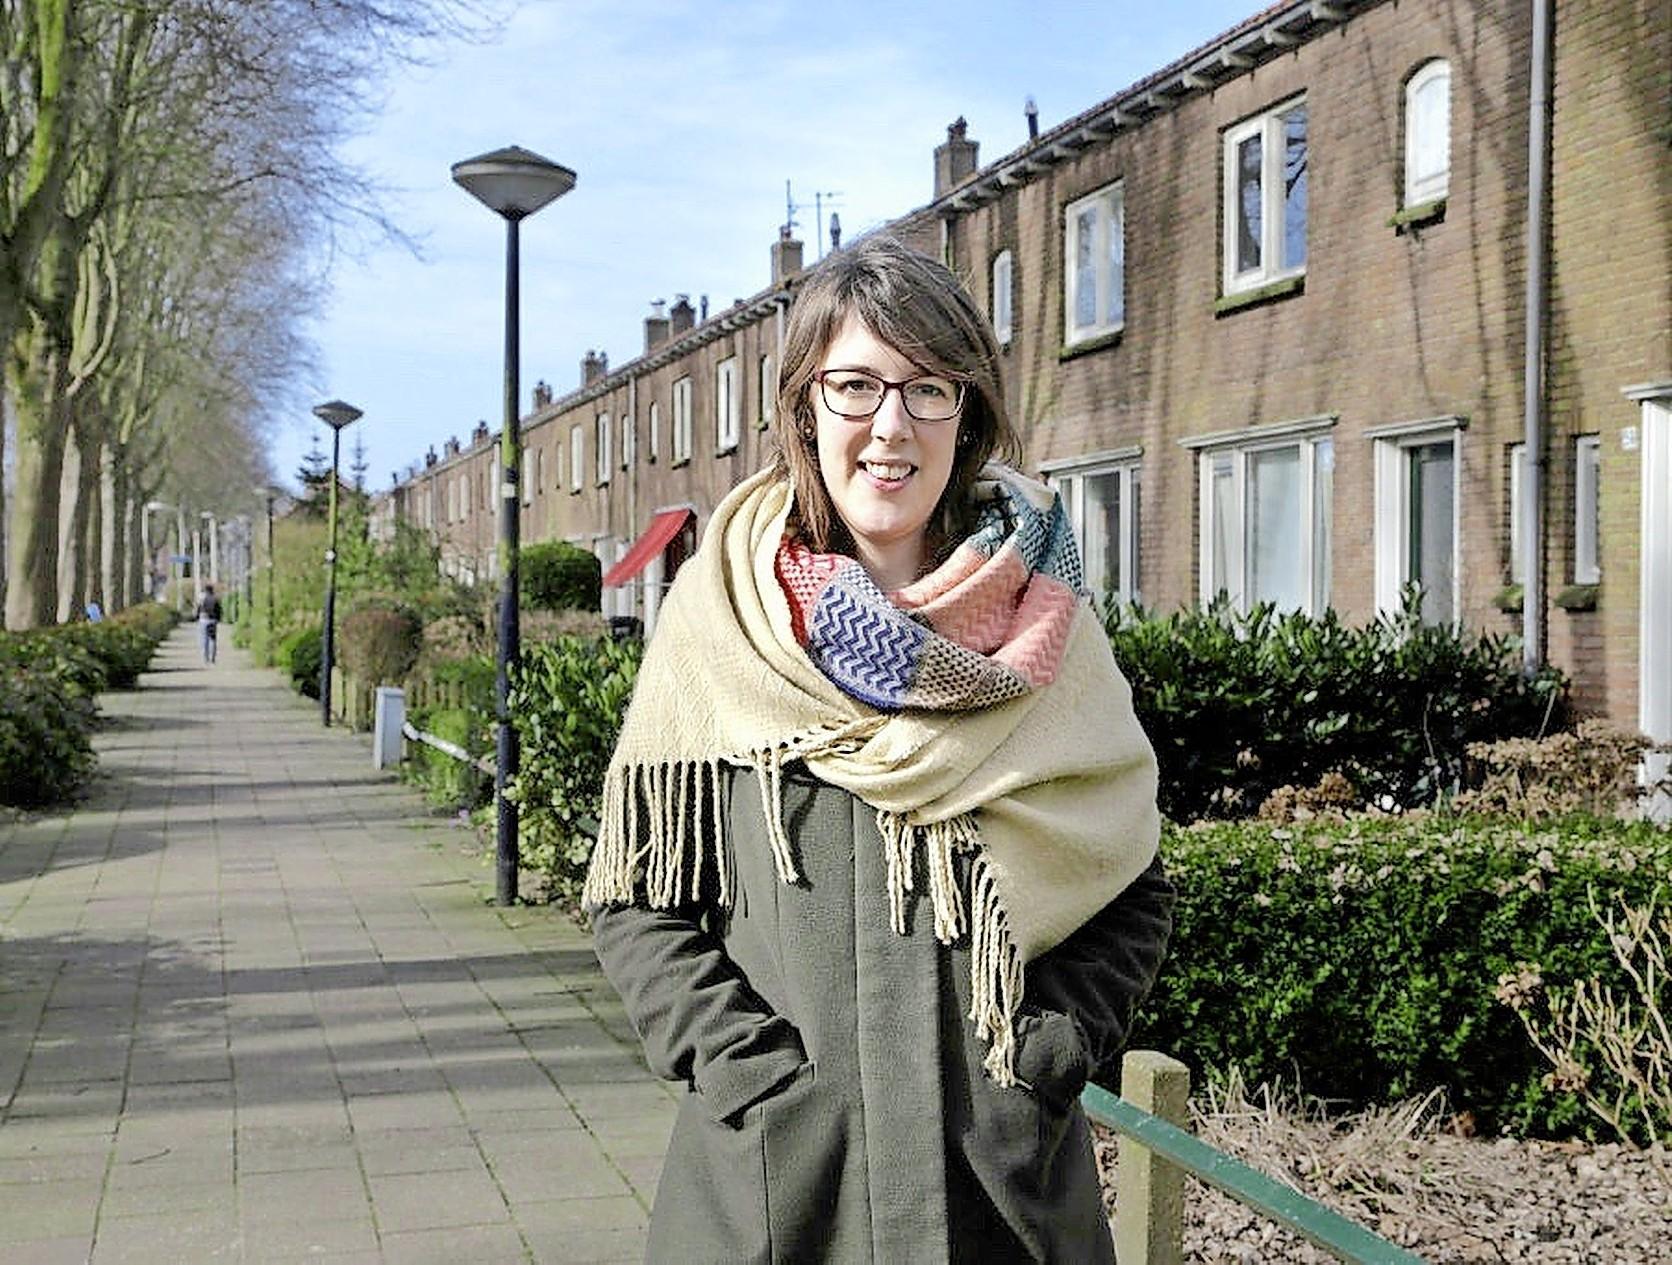 Straatpastor blij verrast met 2,7 miljoen voor dak- en thuislozen in West-Friesland, hoopt dat een deel naar 'Skaeve Huse' gaat